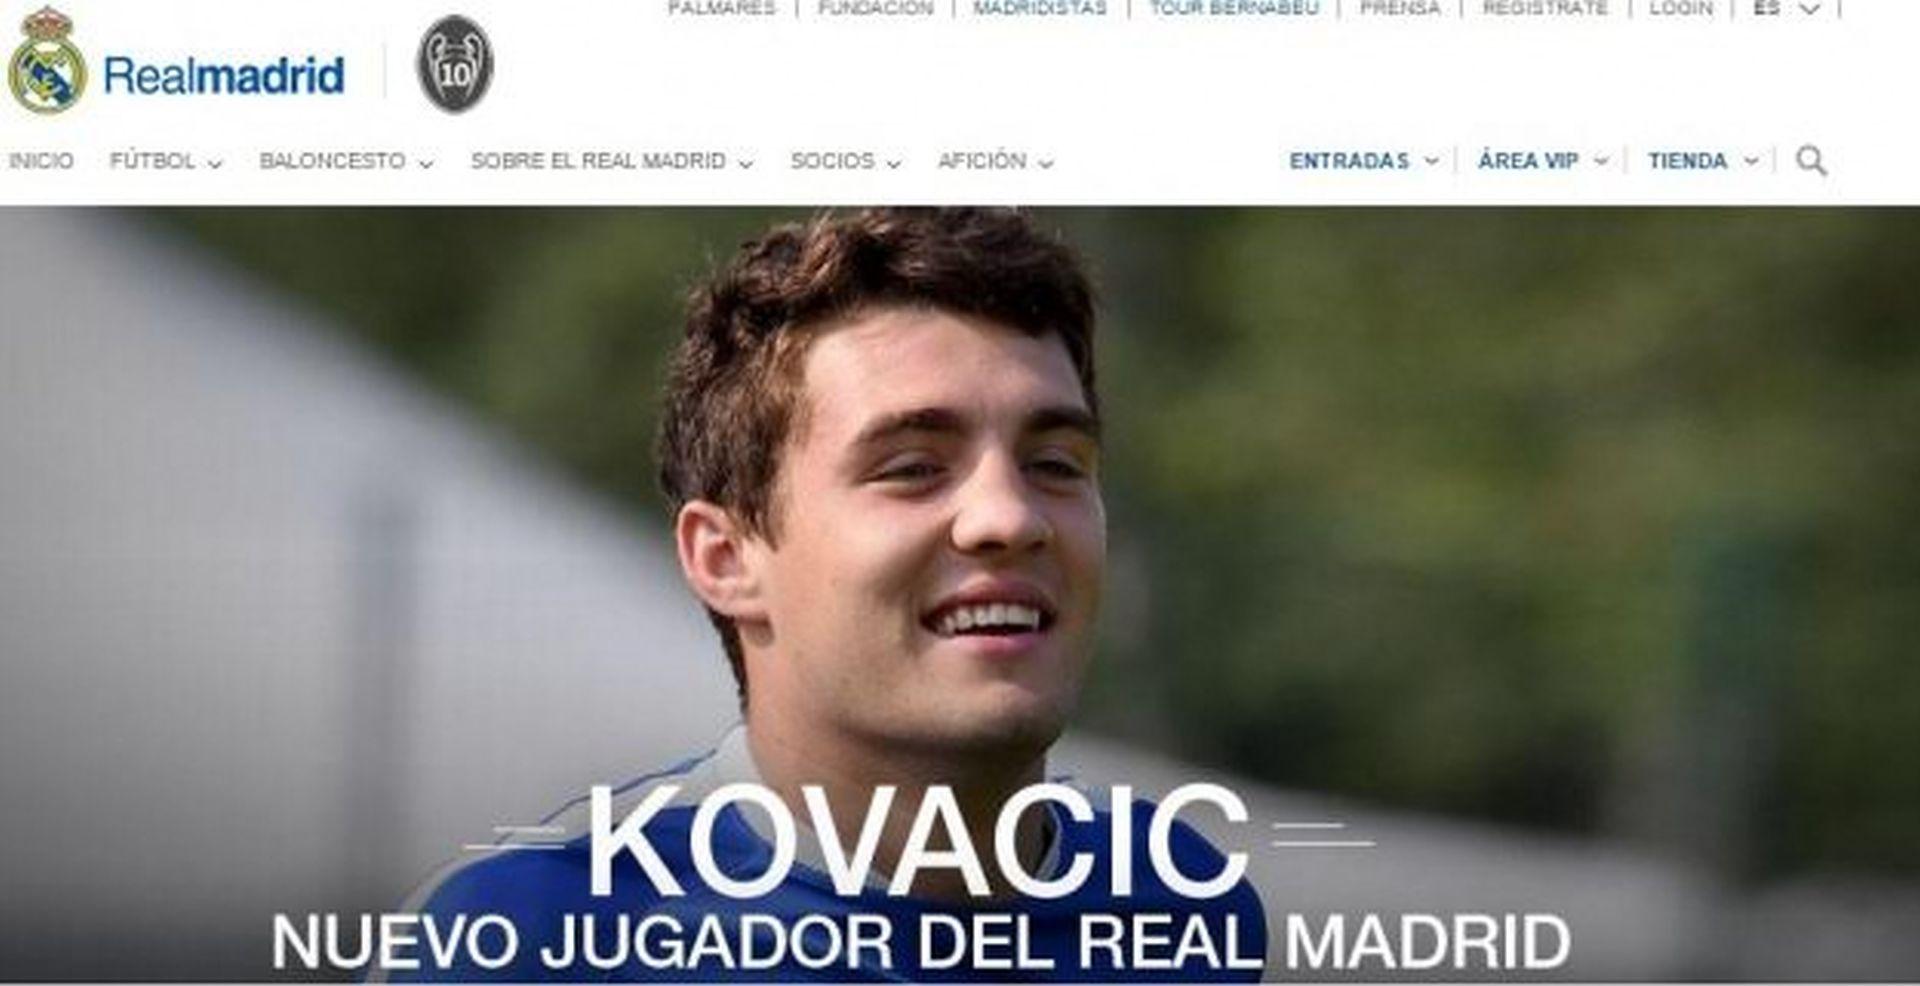 SADA JE I SLUŽBENO Mateo Kovačić novi je igrač Real Madrida